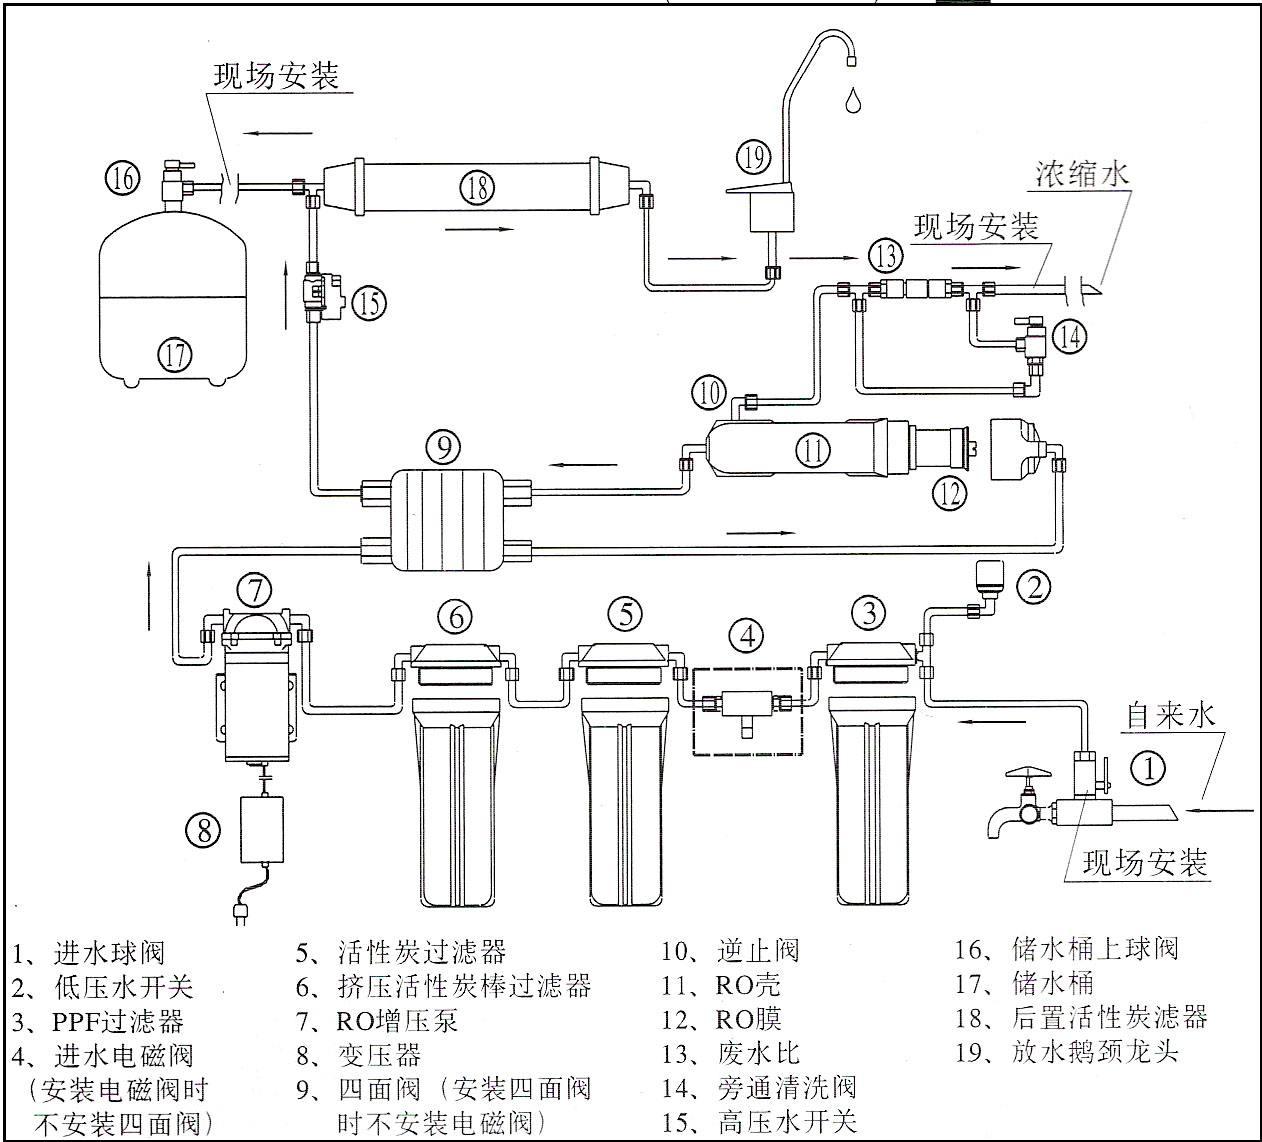 净水器概念讲解及基础知识